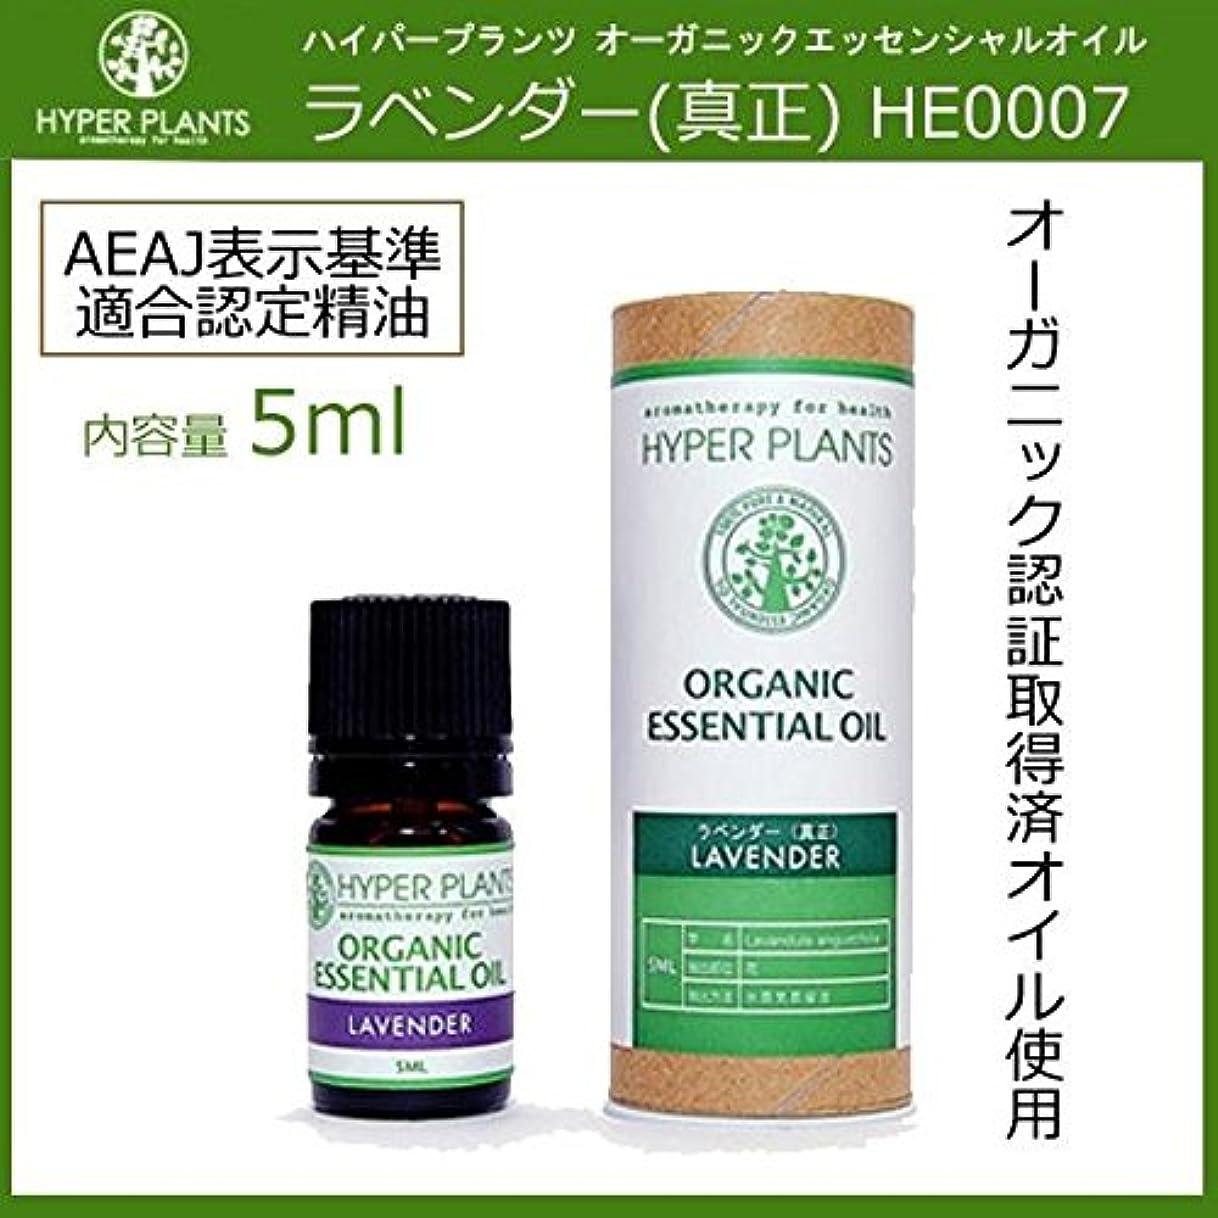 正確行進植物のHYPER PLANTS ハイパープランツ オーガニックエッセンシャルオイル ラベンダー(真正) 5ml HE0007